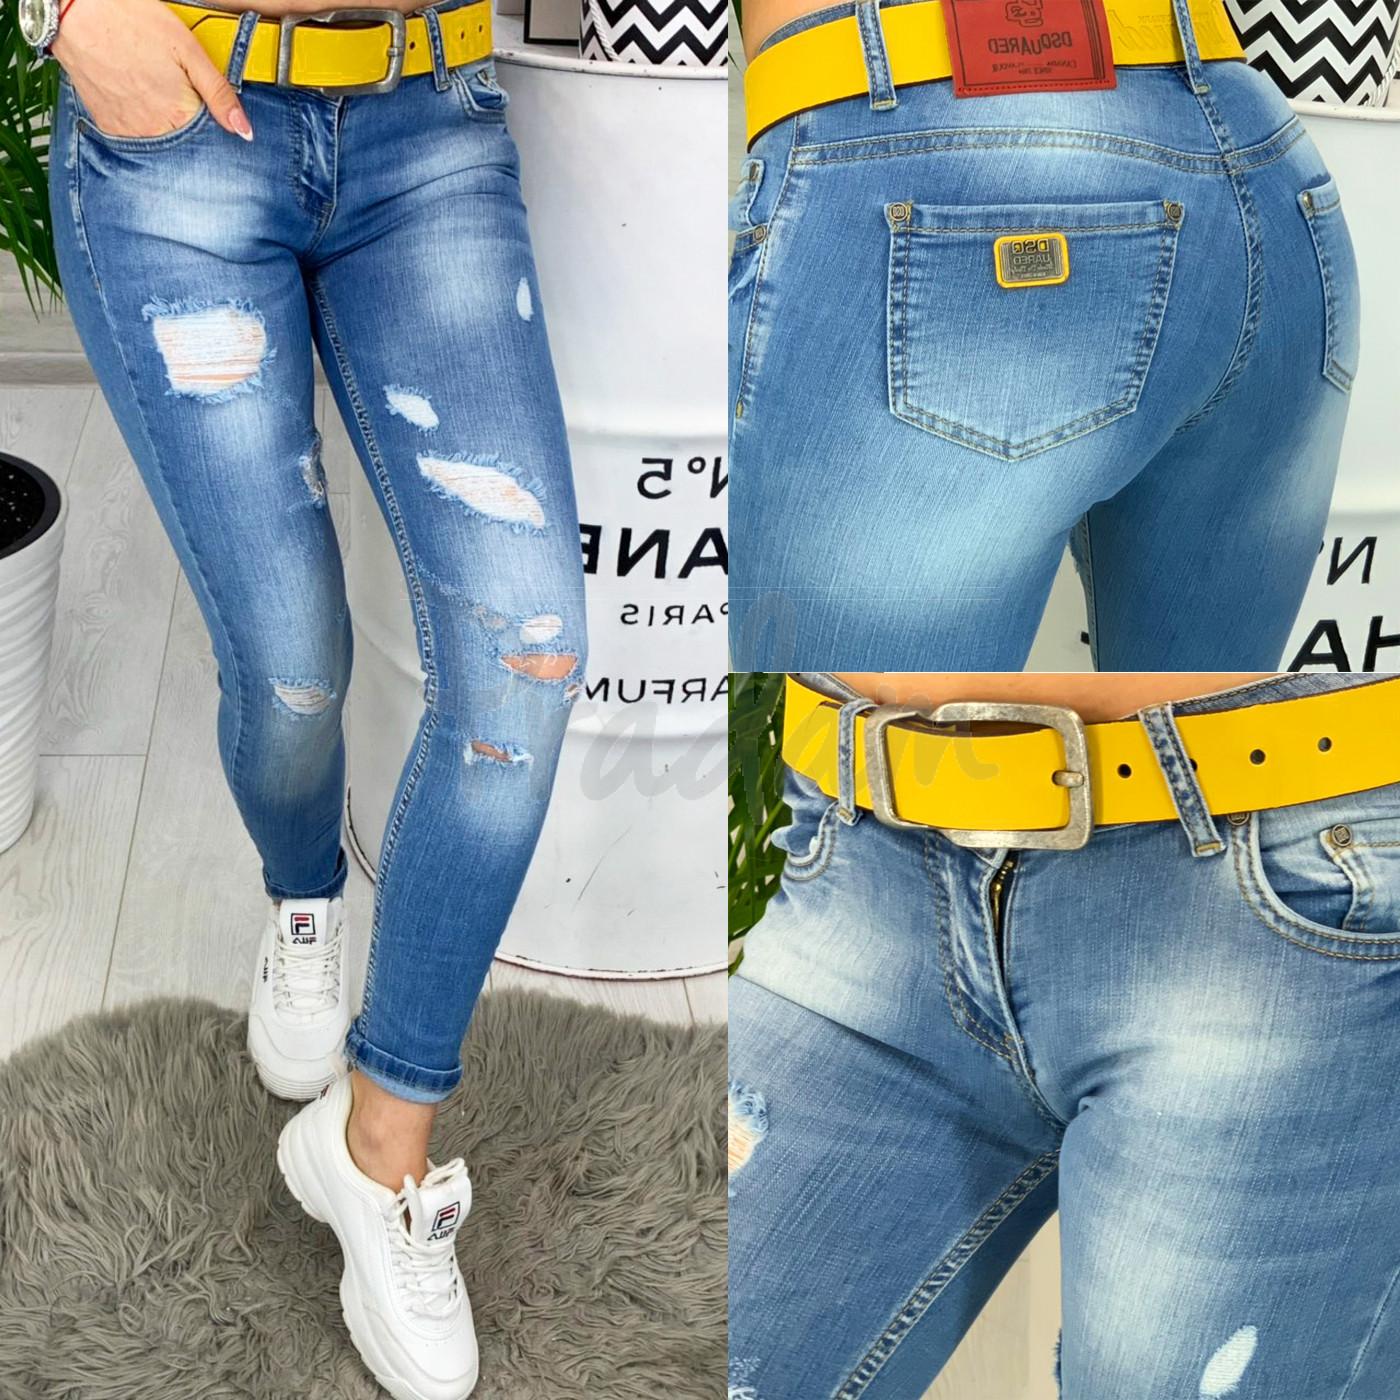 0606 Dsquared стильные женские джинсы с рванкой весенние стрейчевые (26-30, 6 ед.)